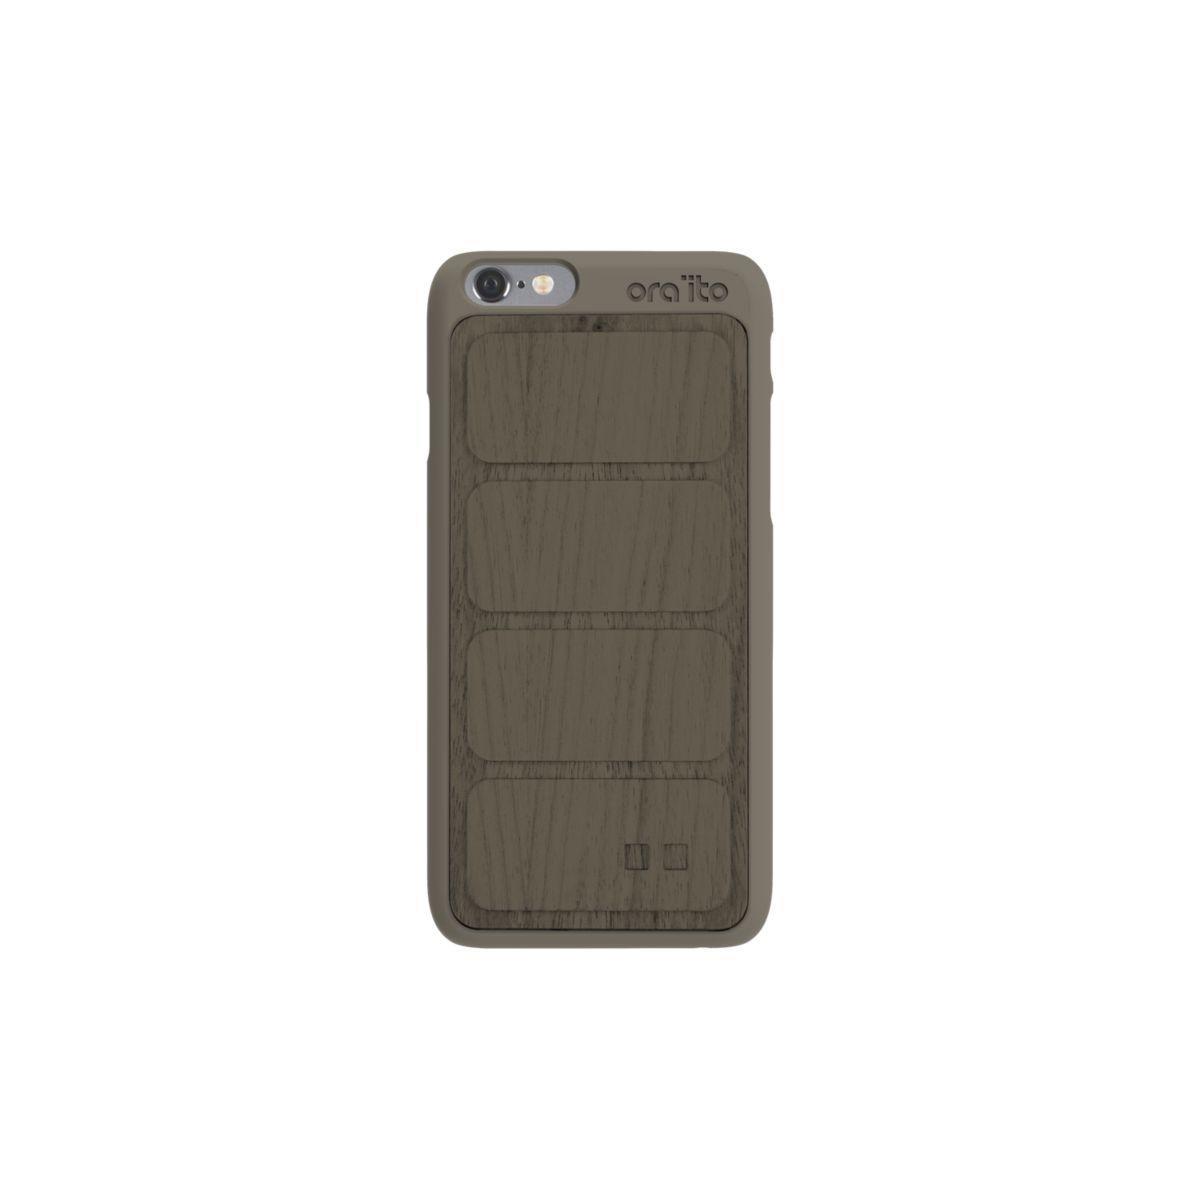 Coque ora ito iphone 6/6s en bois gris - 2% de remise imm�diate avec le code : wd2